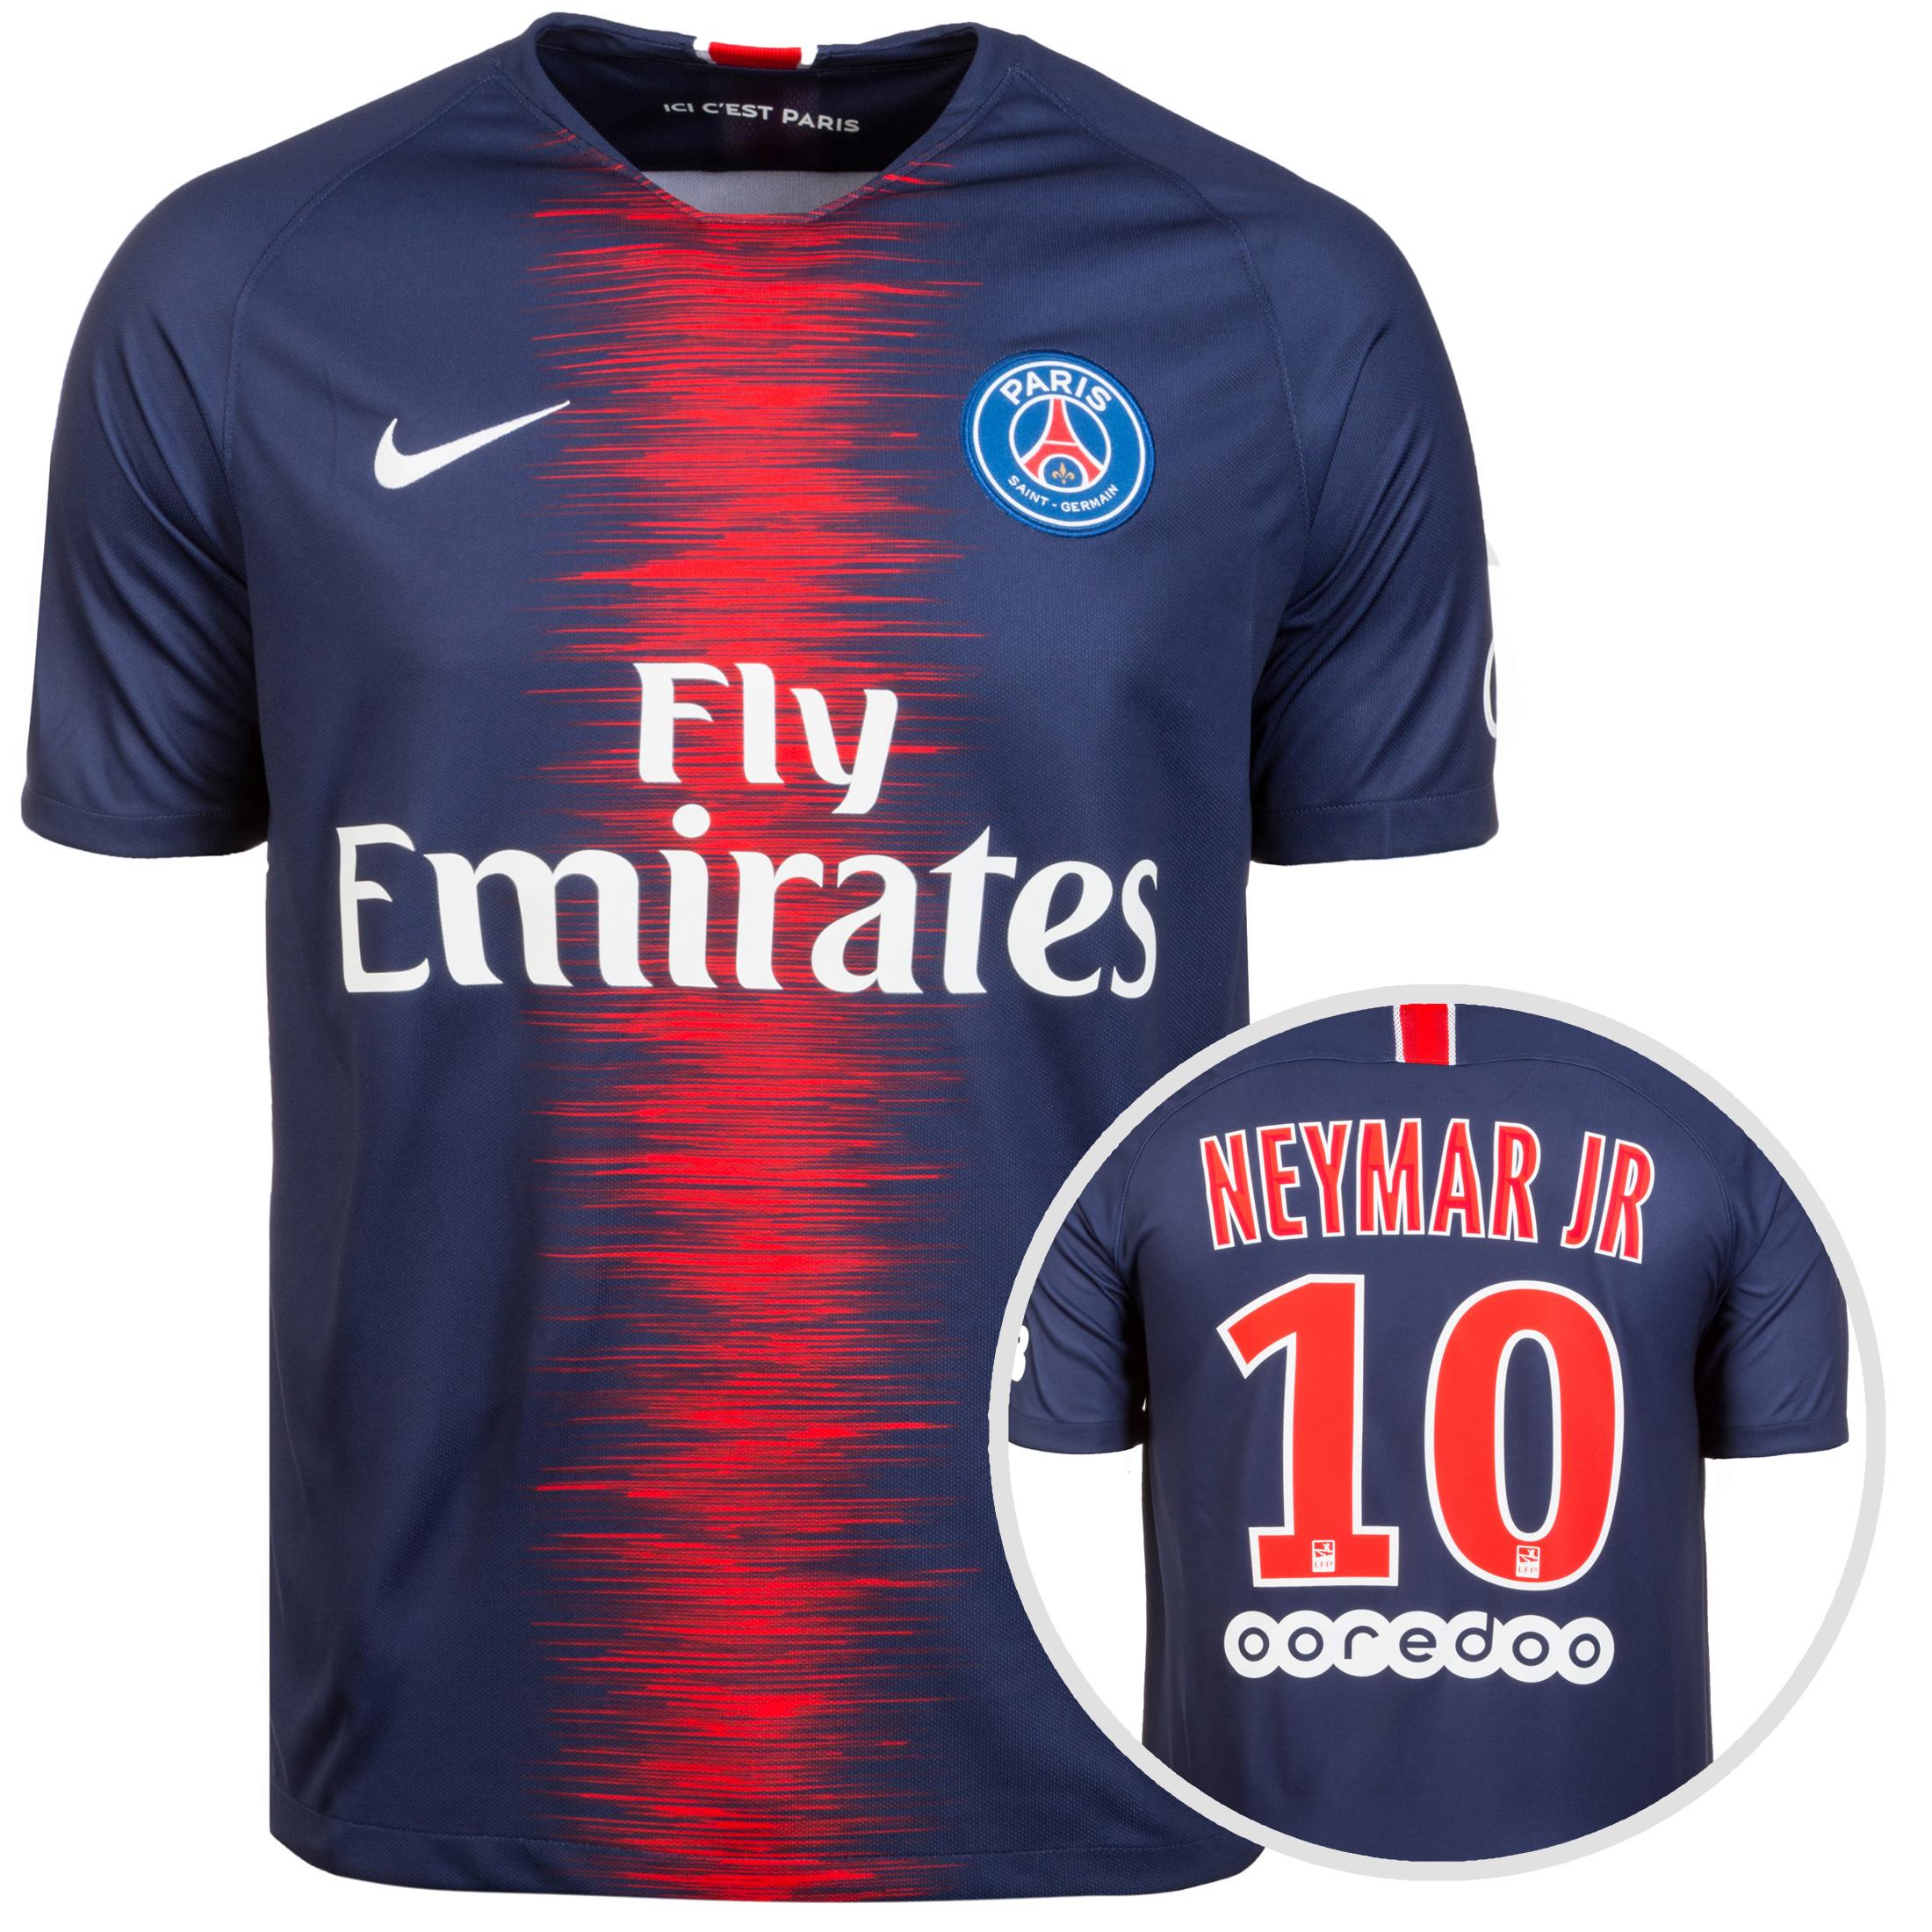 48903de2f45e3 Paris Saint Germain Mens SS Home Shirt 18/19 | 894432-411 | FOOTY.COM